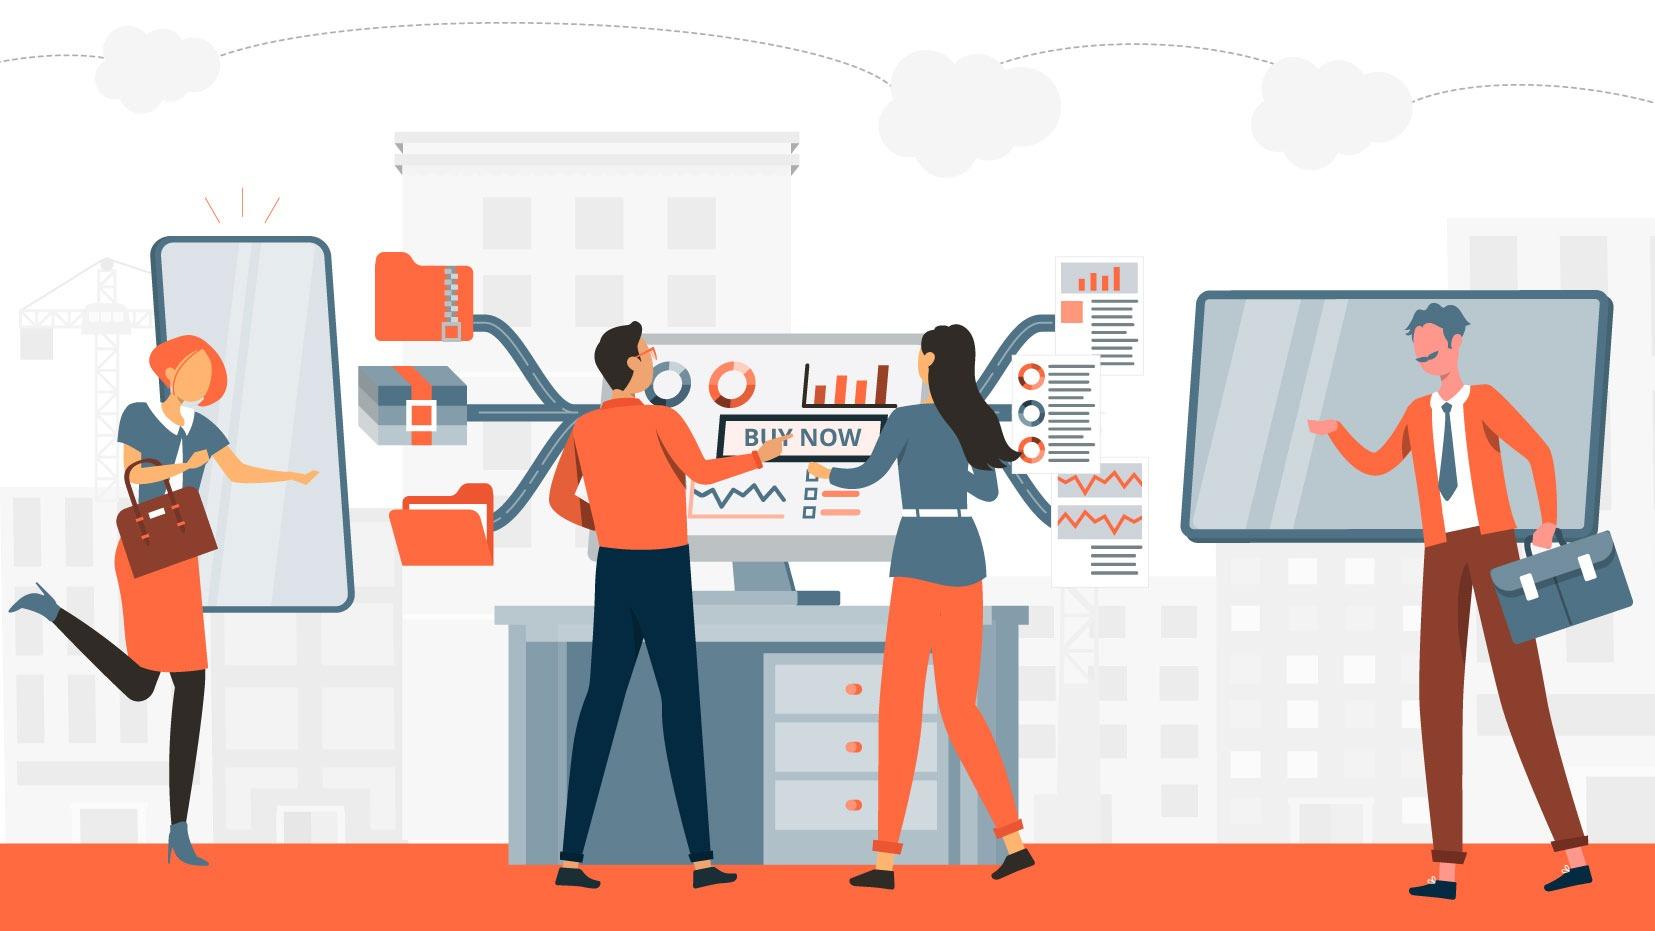 Salesforce Digital 360: the Cloud Platform's Pre-Built Apps